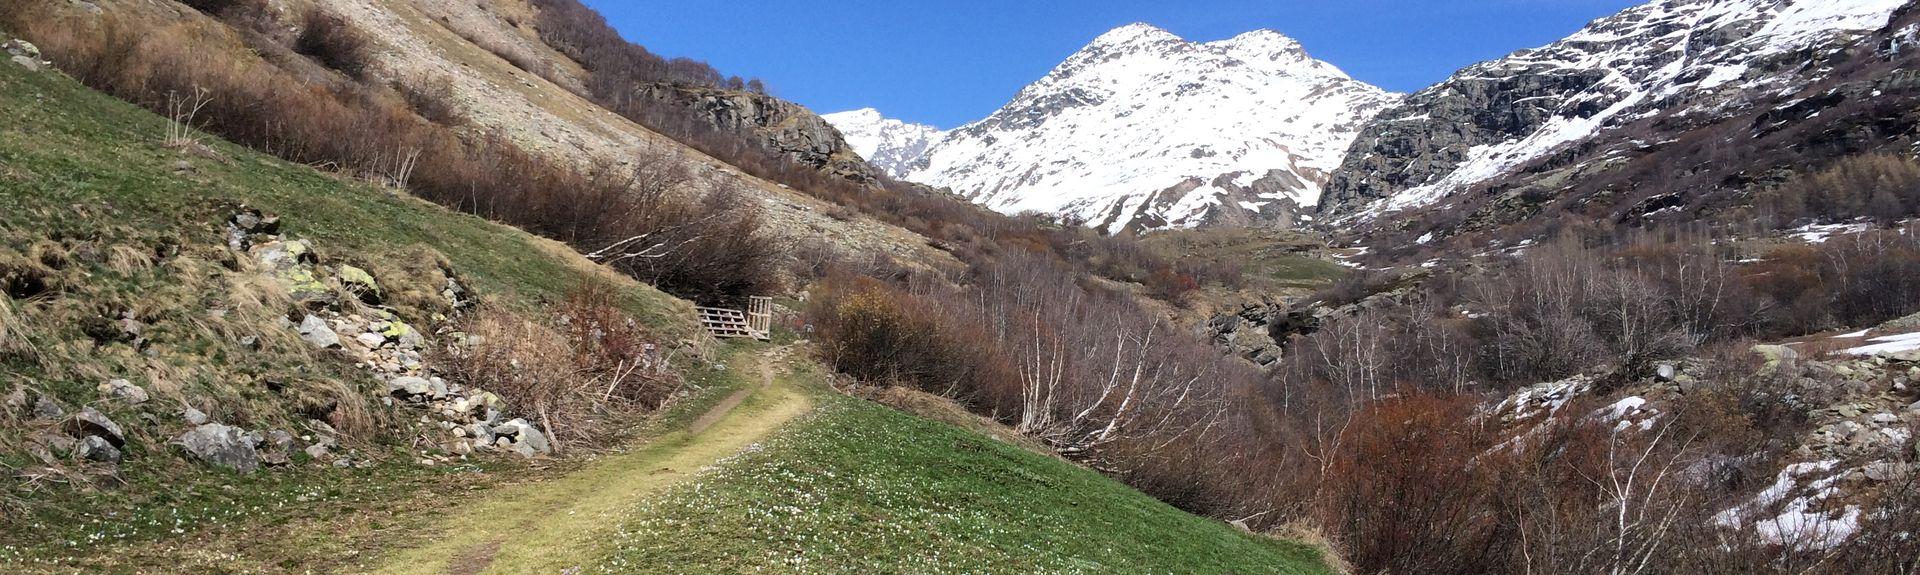 Le Laisinant, Val-d'Isère, Auvergne Rhône-Alpes, Frankrijk